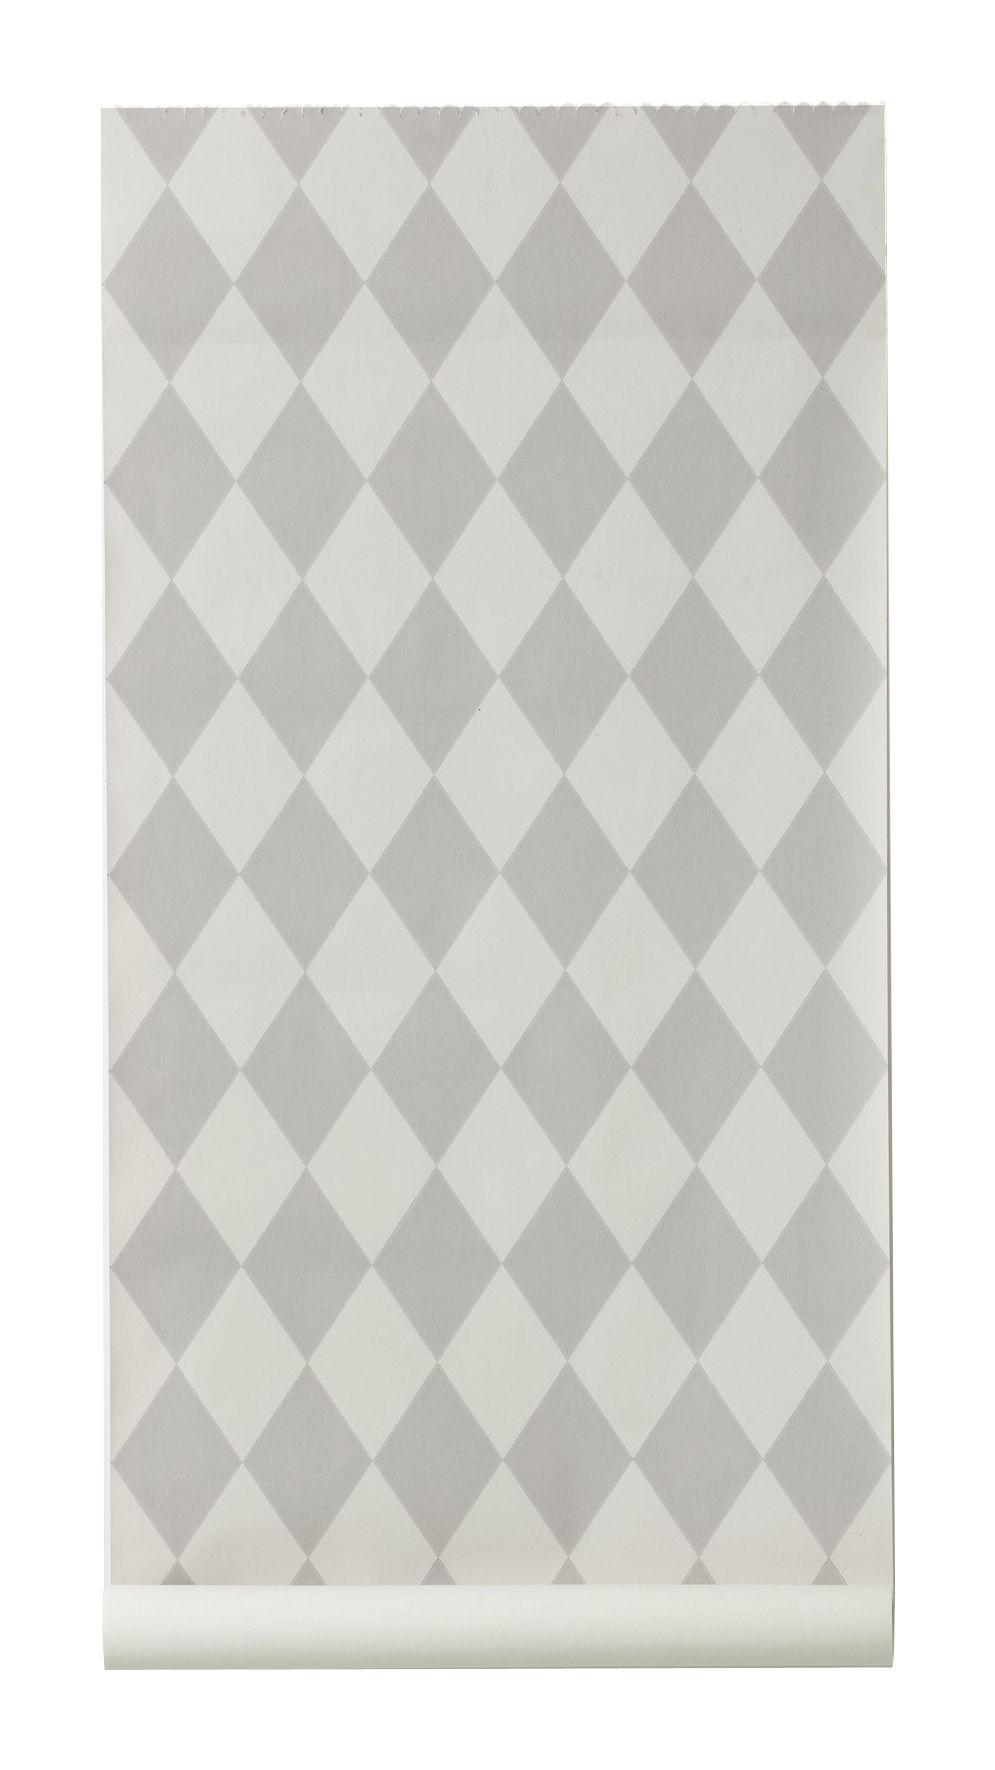 Interni - Sticker - Carta da parati Harlequin di Ferm Living - Grigio e grigio chiaro - Tessuto non tessuto